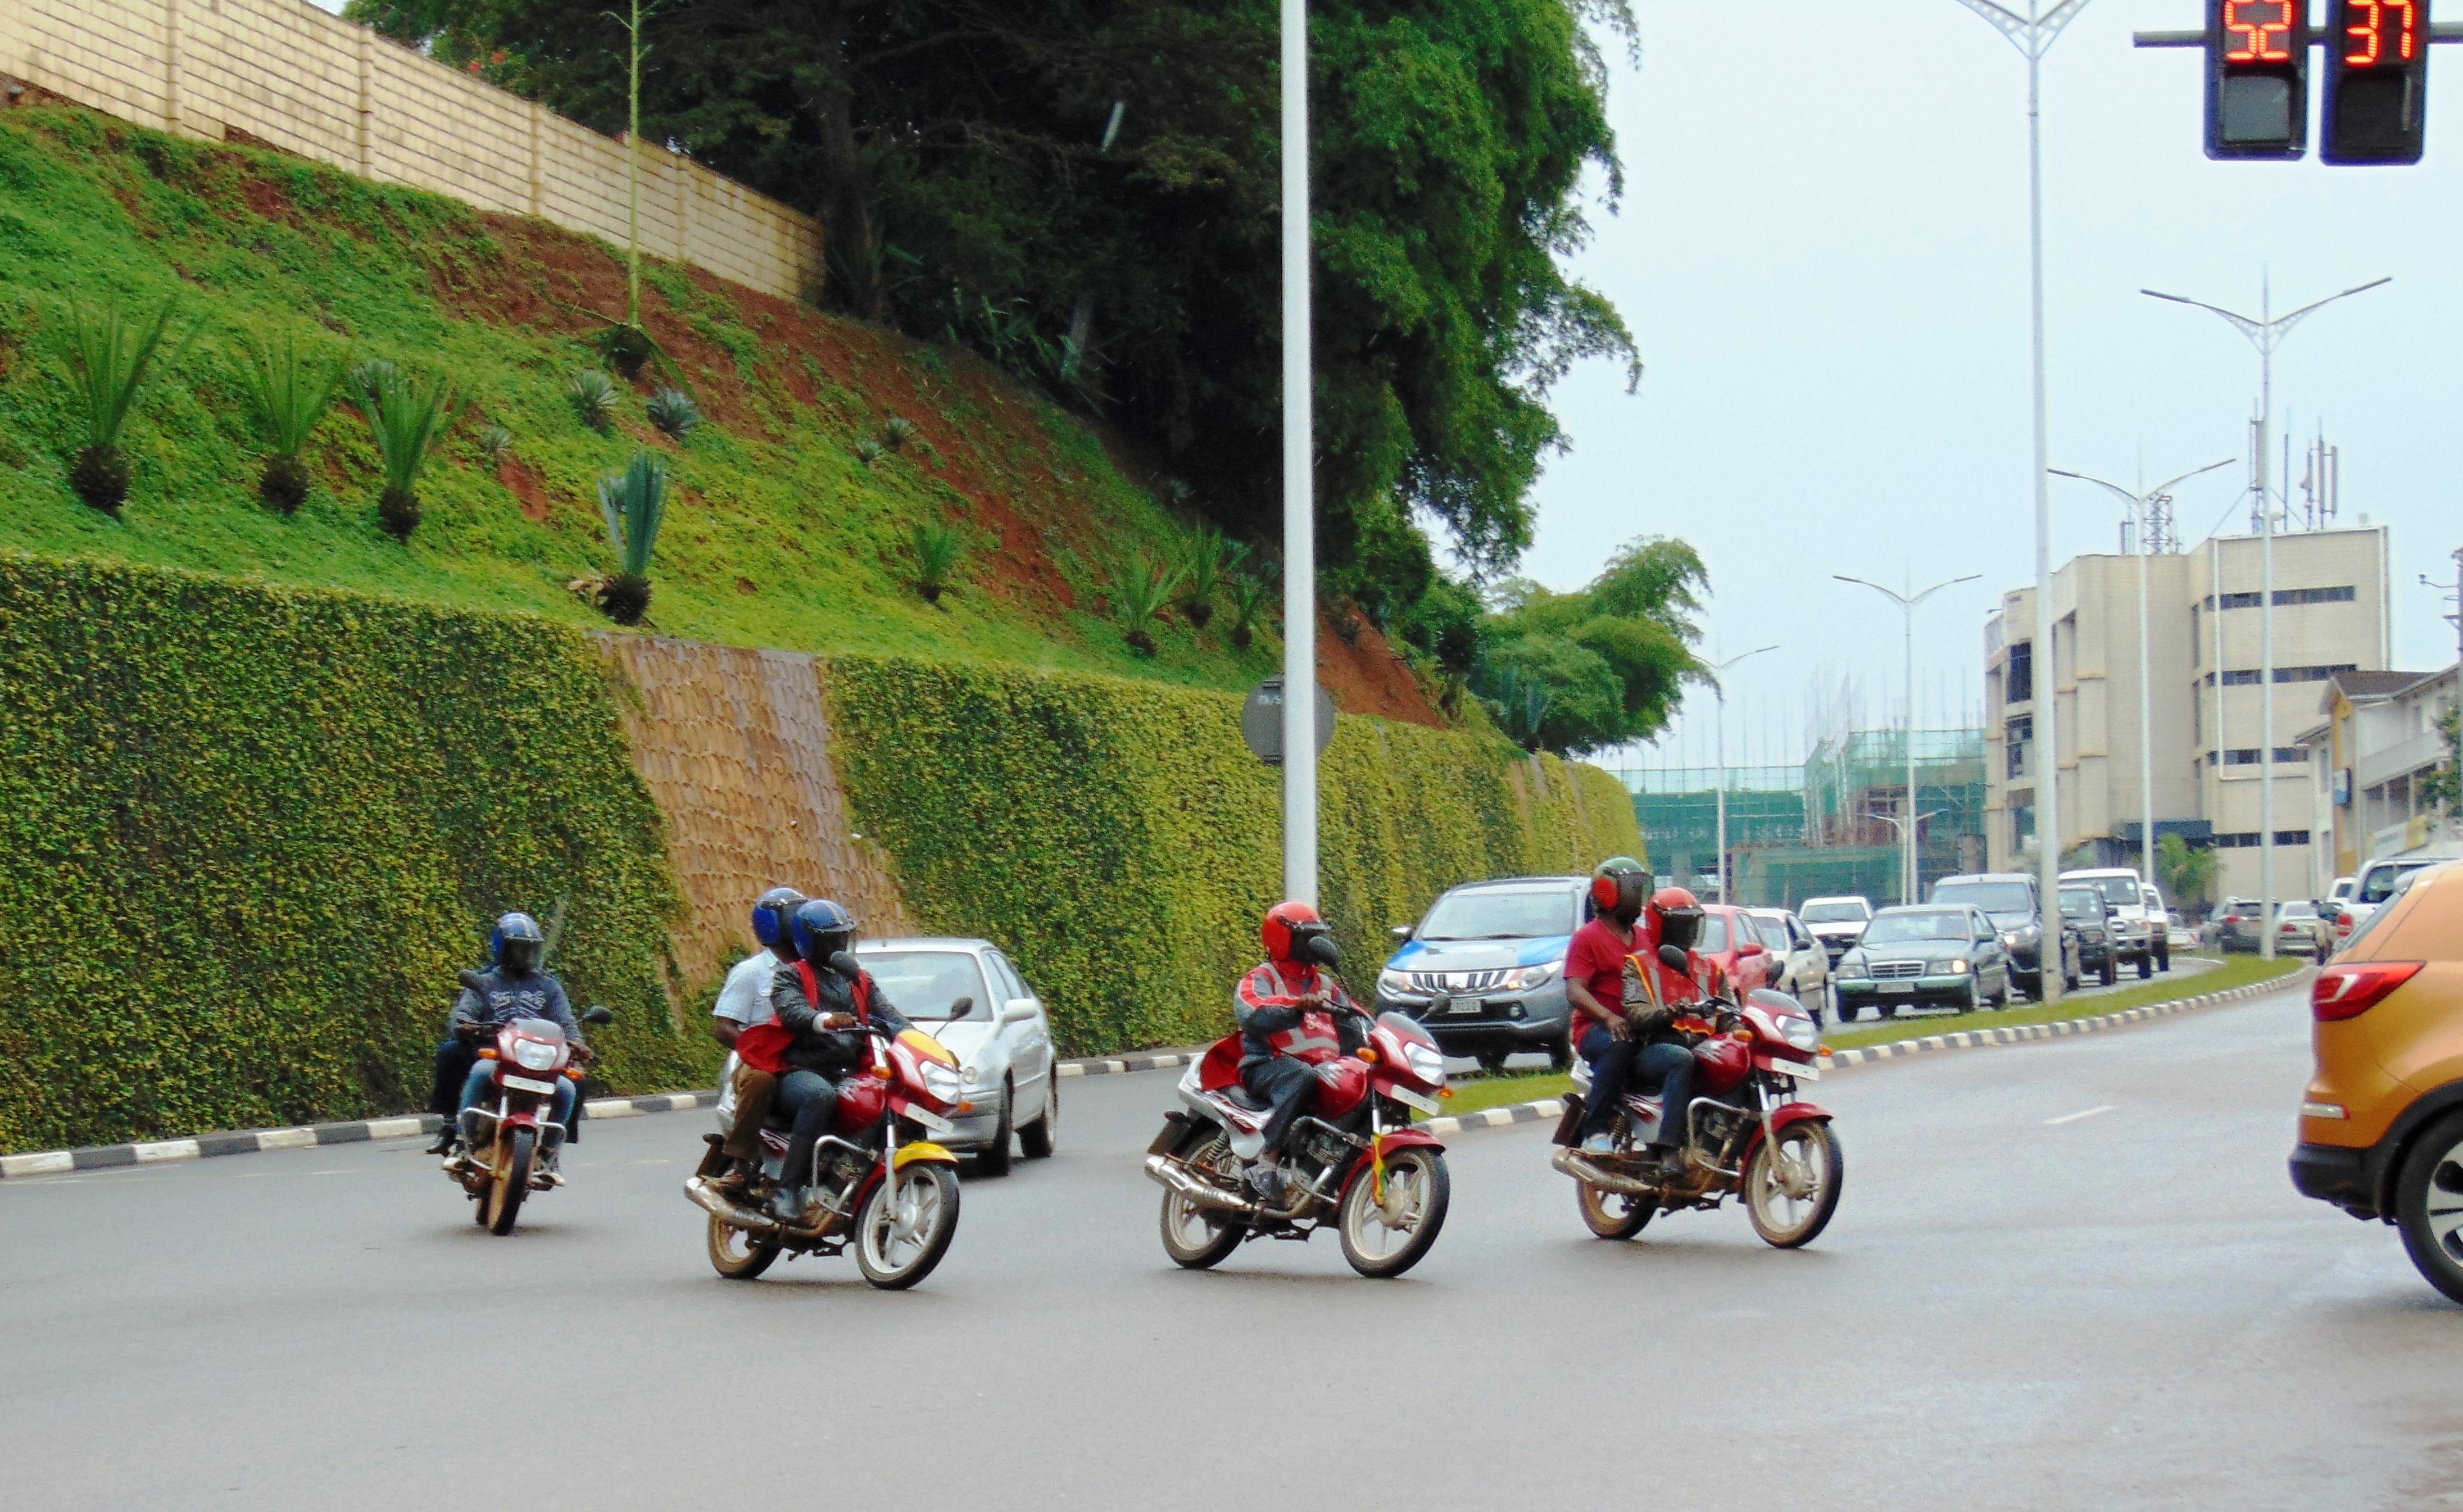 rwanda i